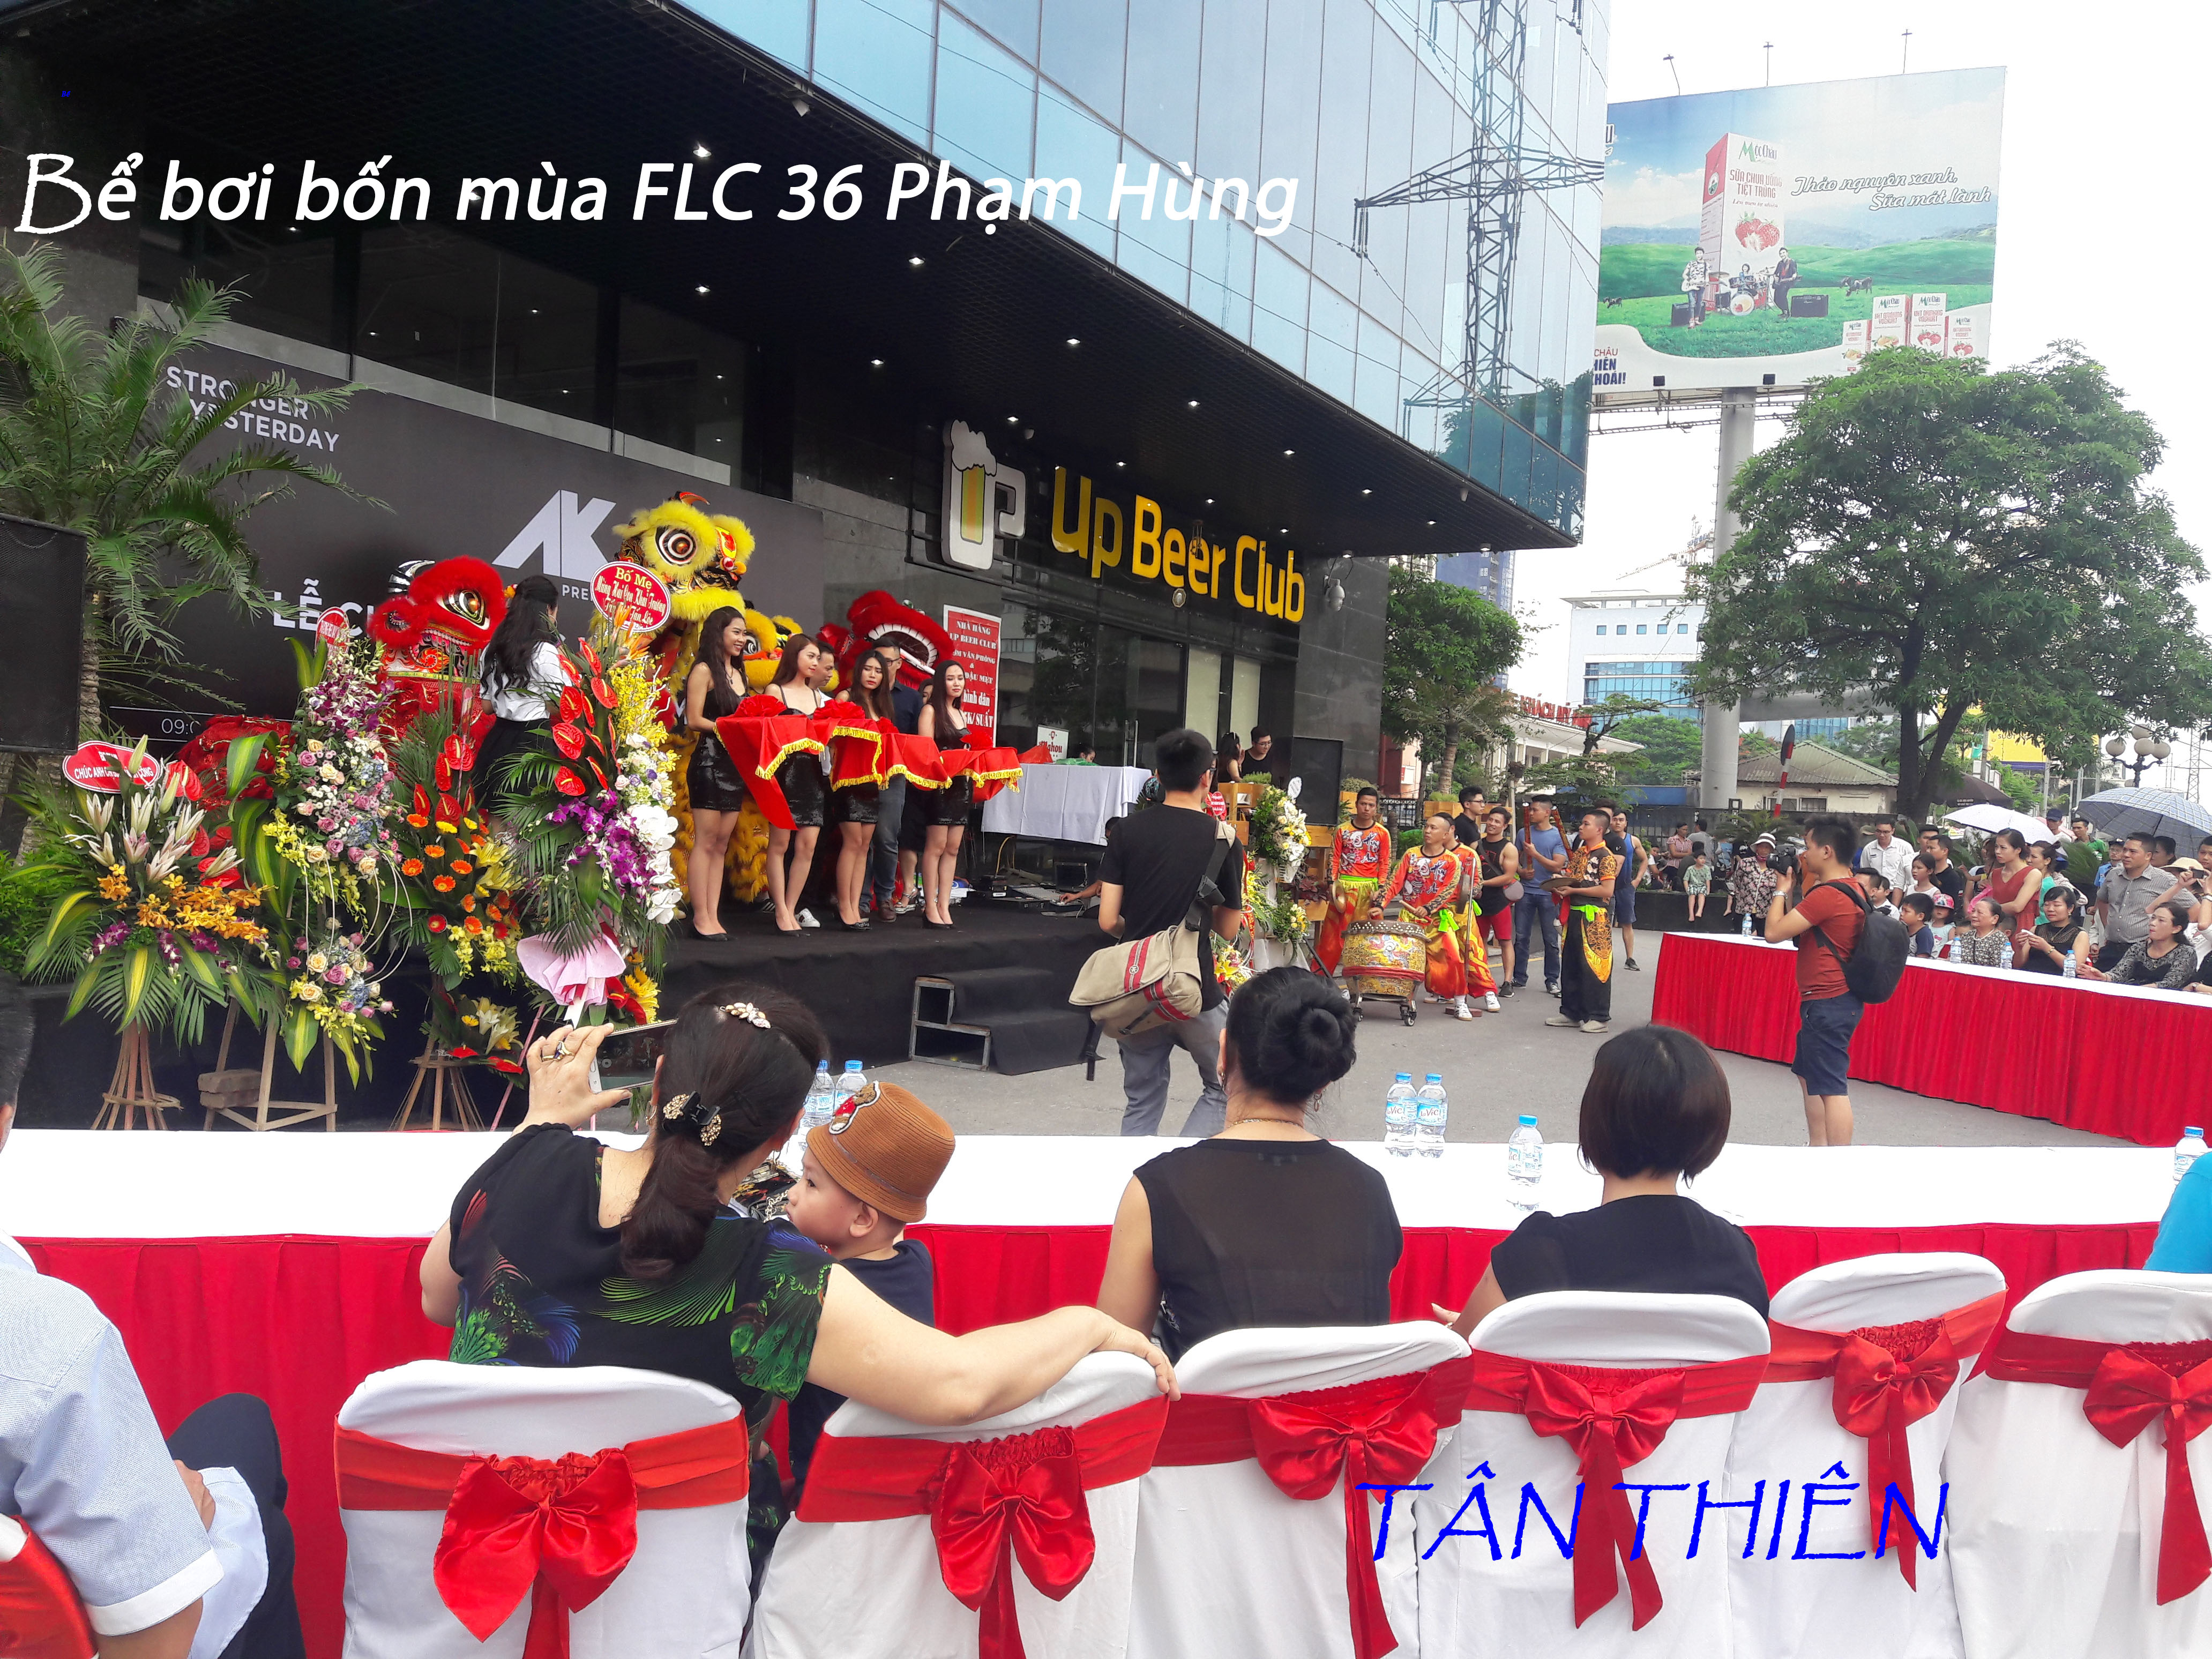 Lễ khai trương bể bơi bốn mùa FLC 36 Phạm Hùng.